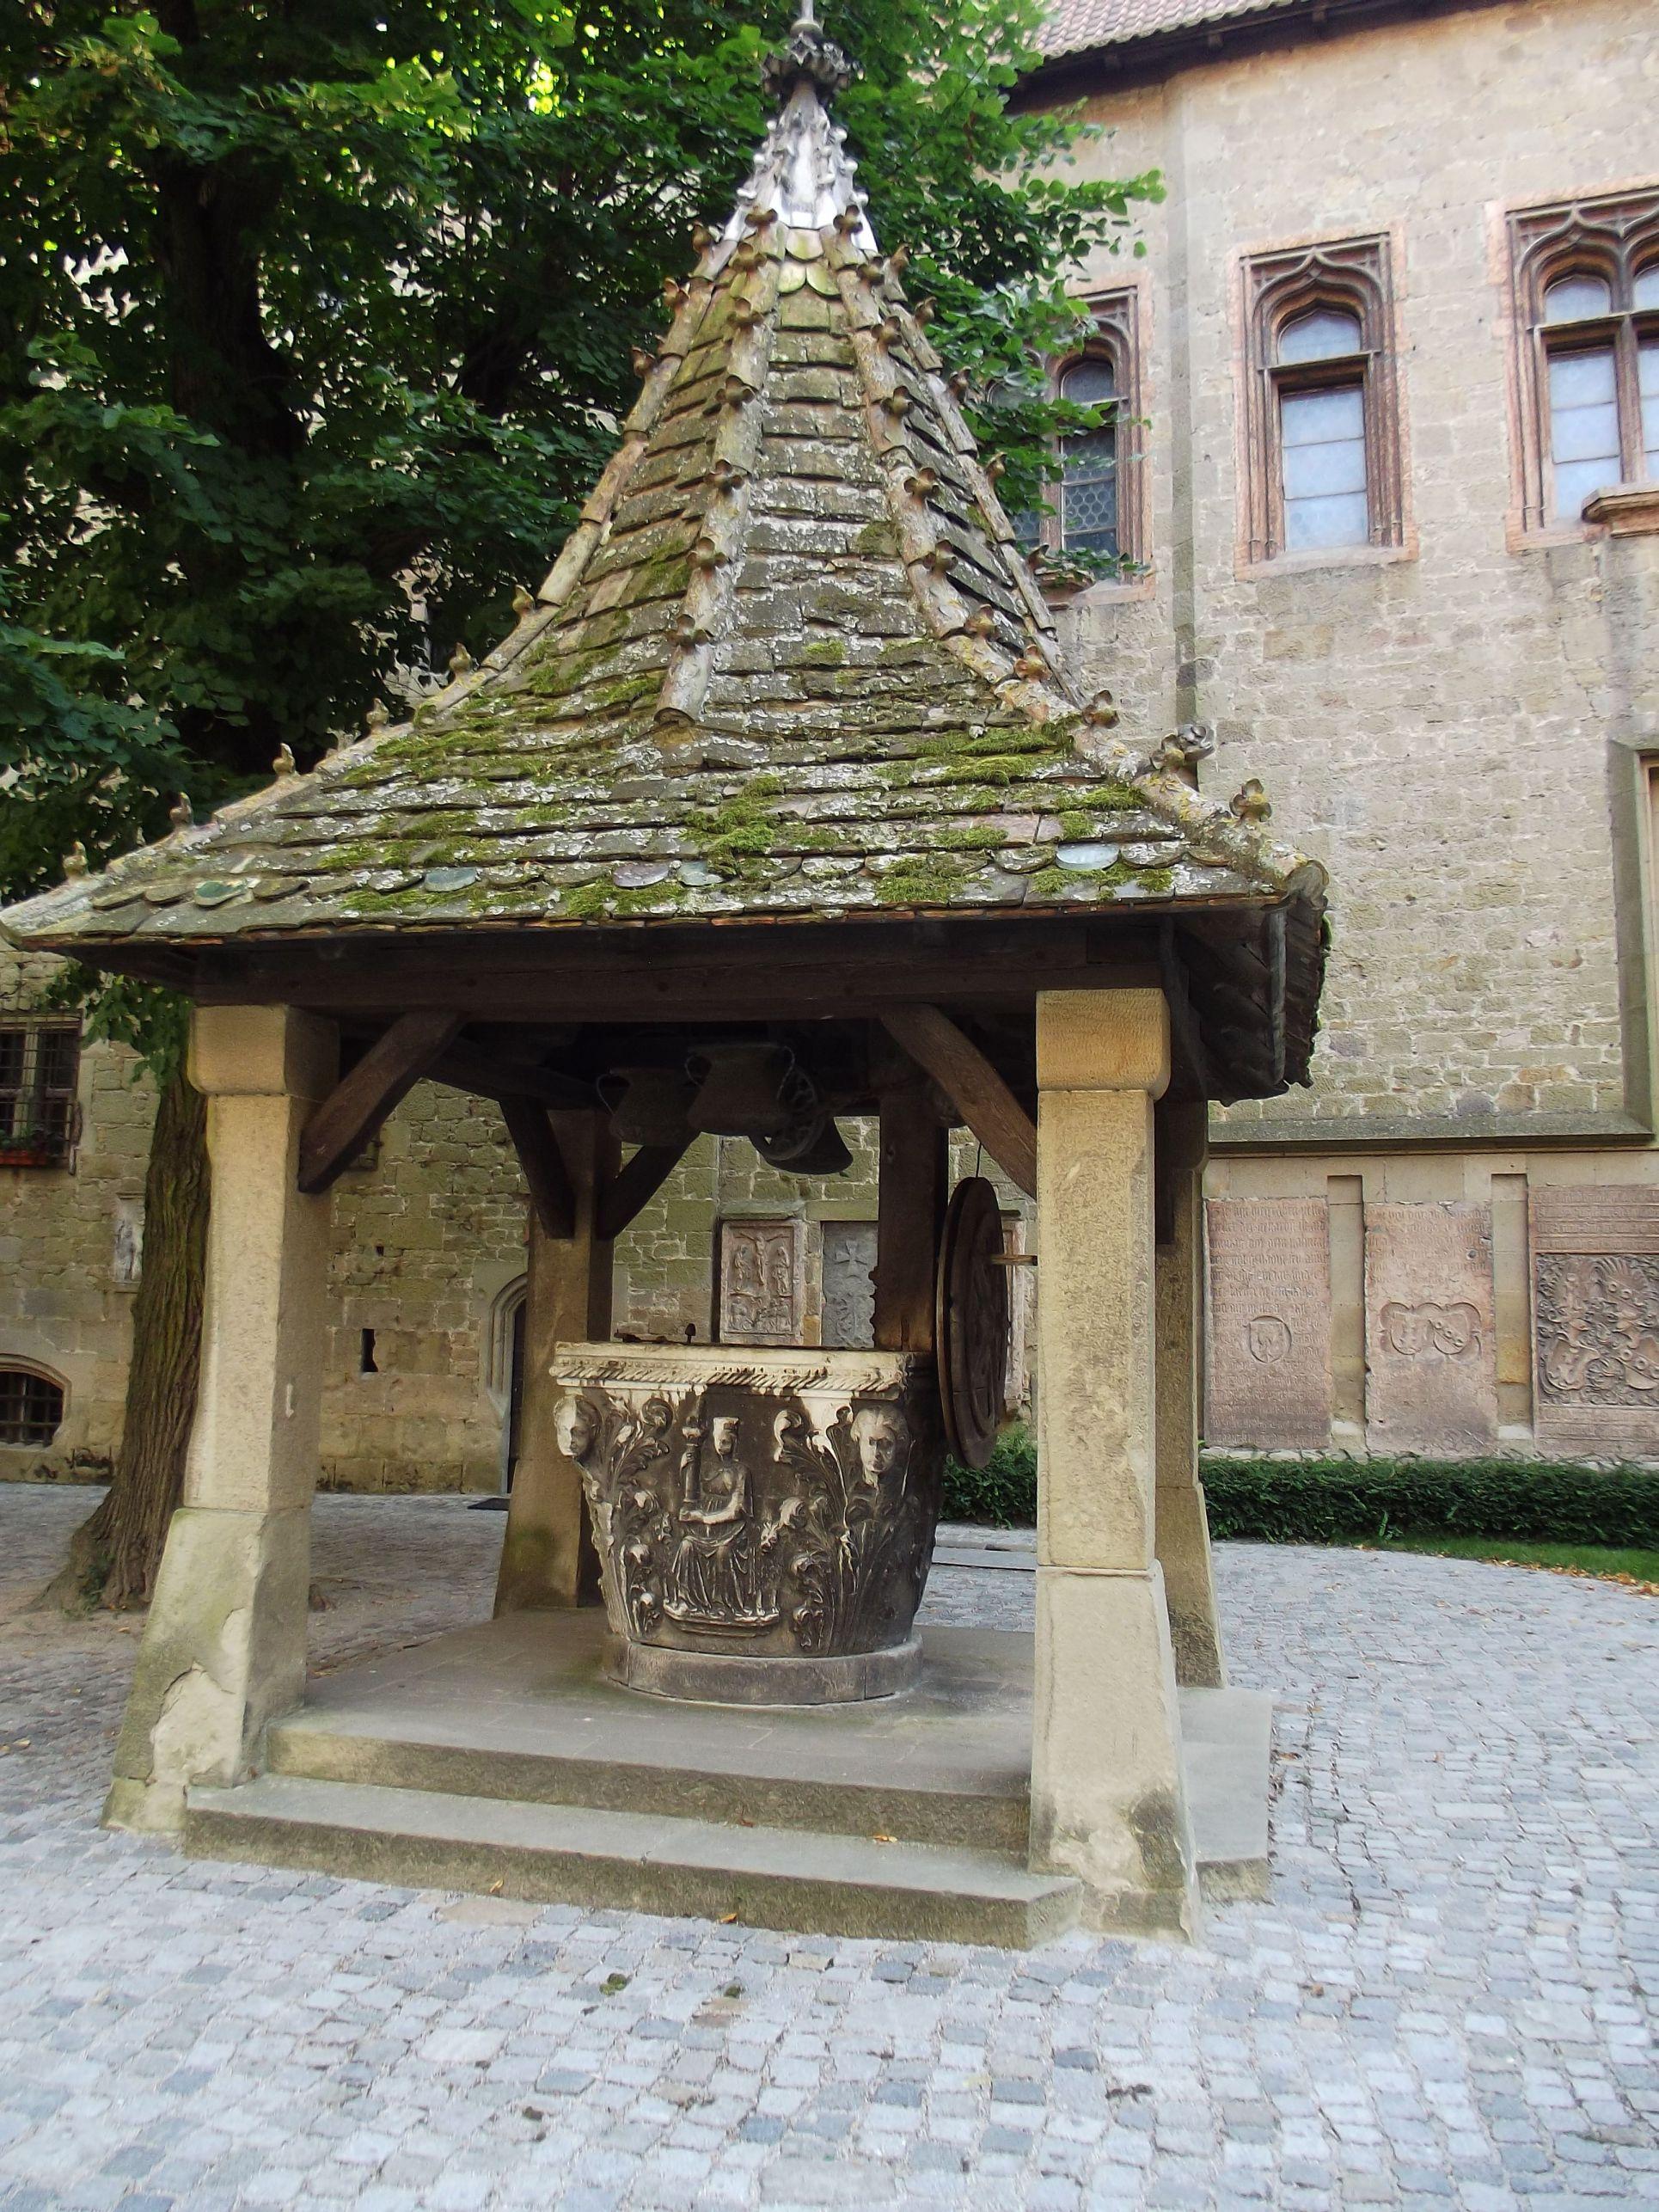 Kreuzenstein, kerekes kút